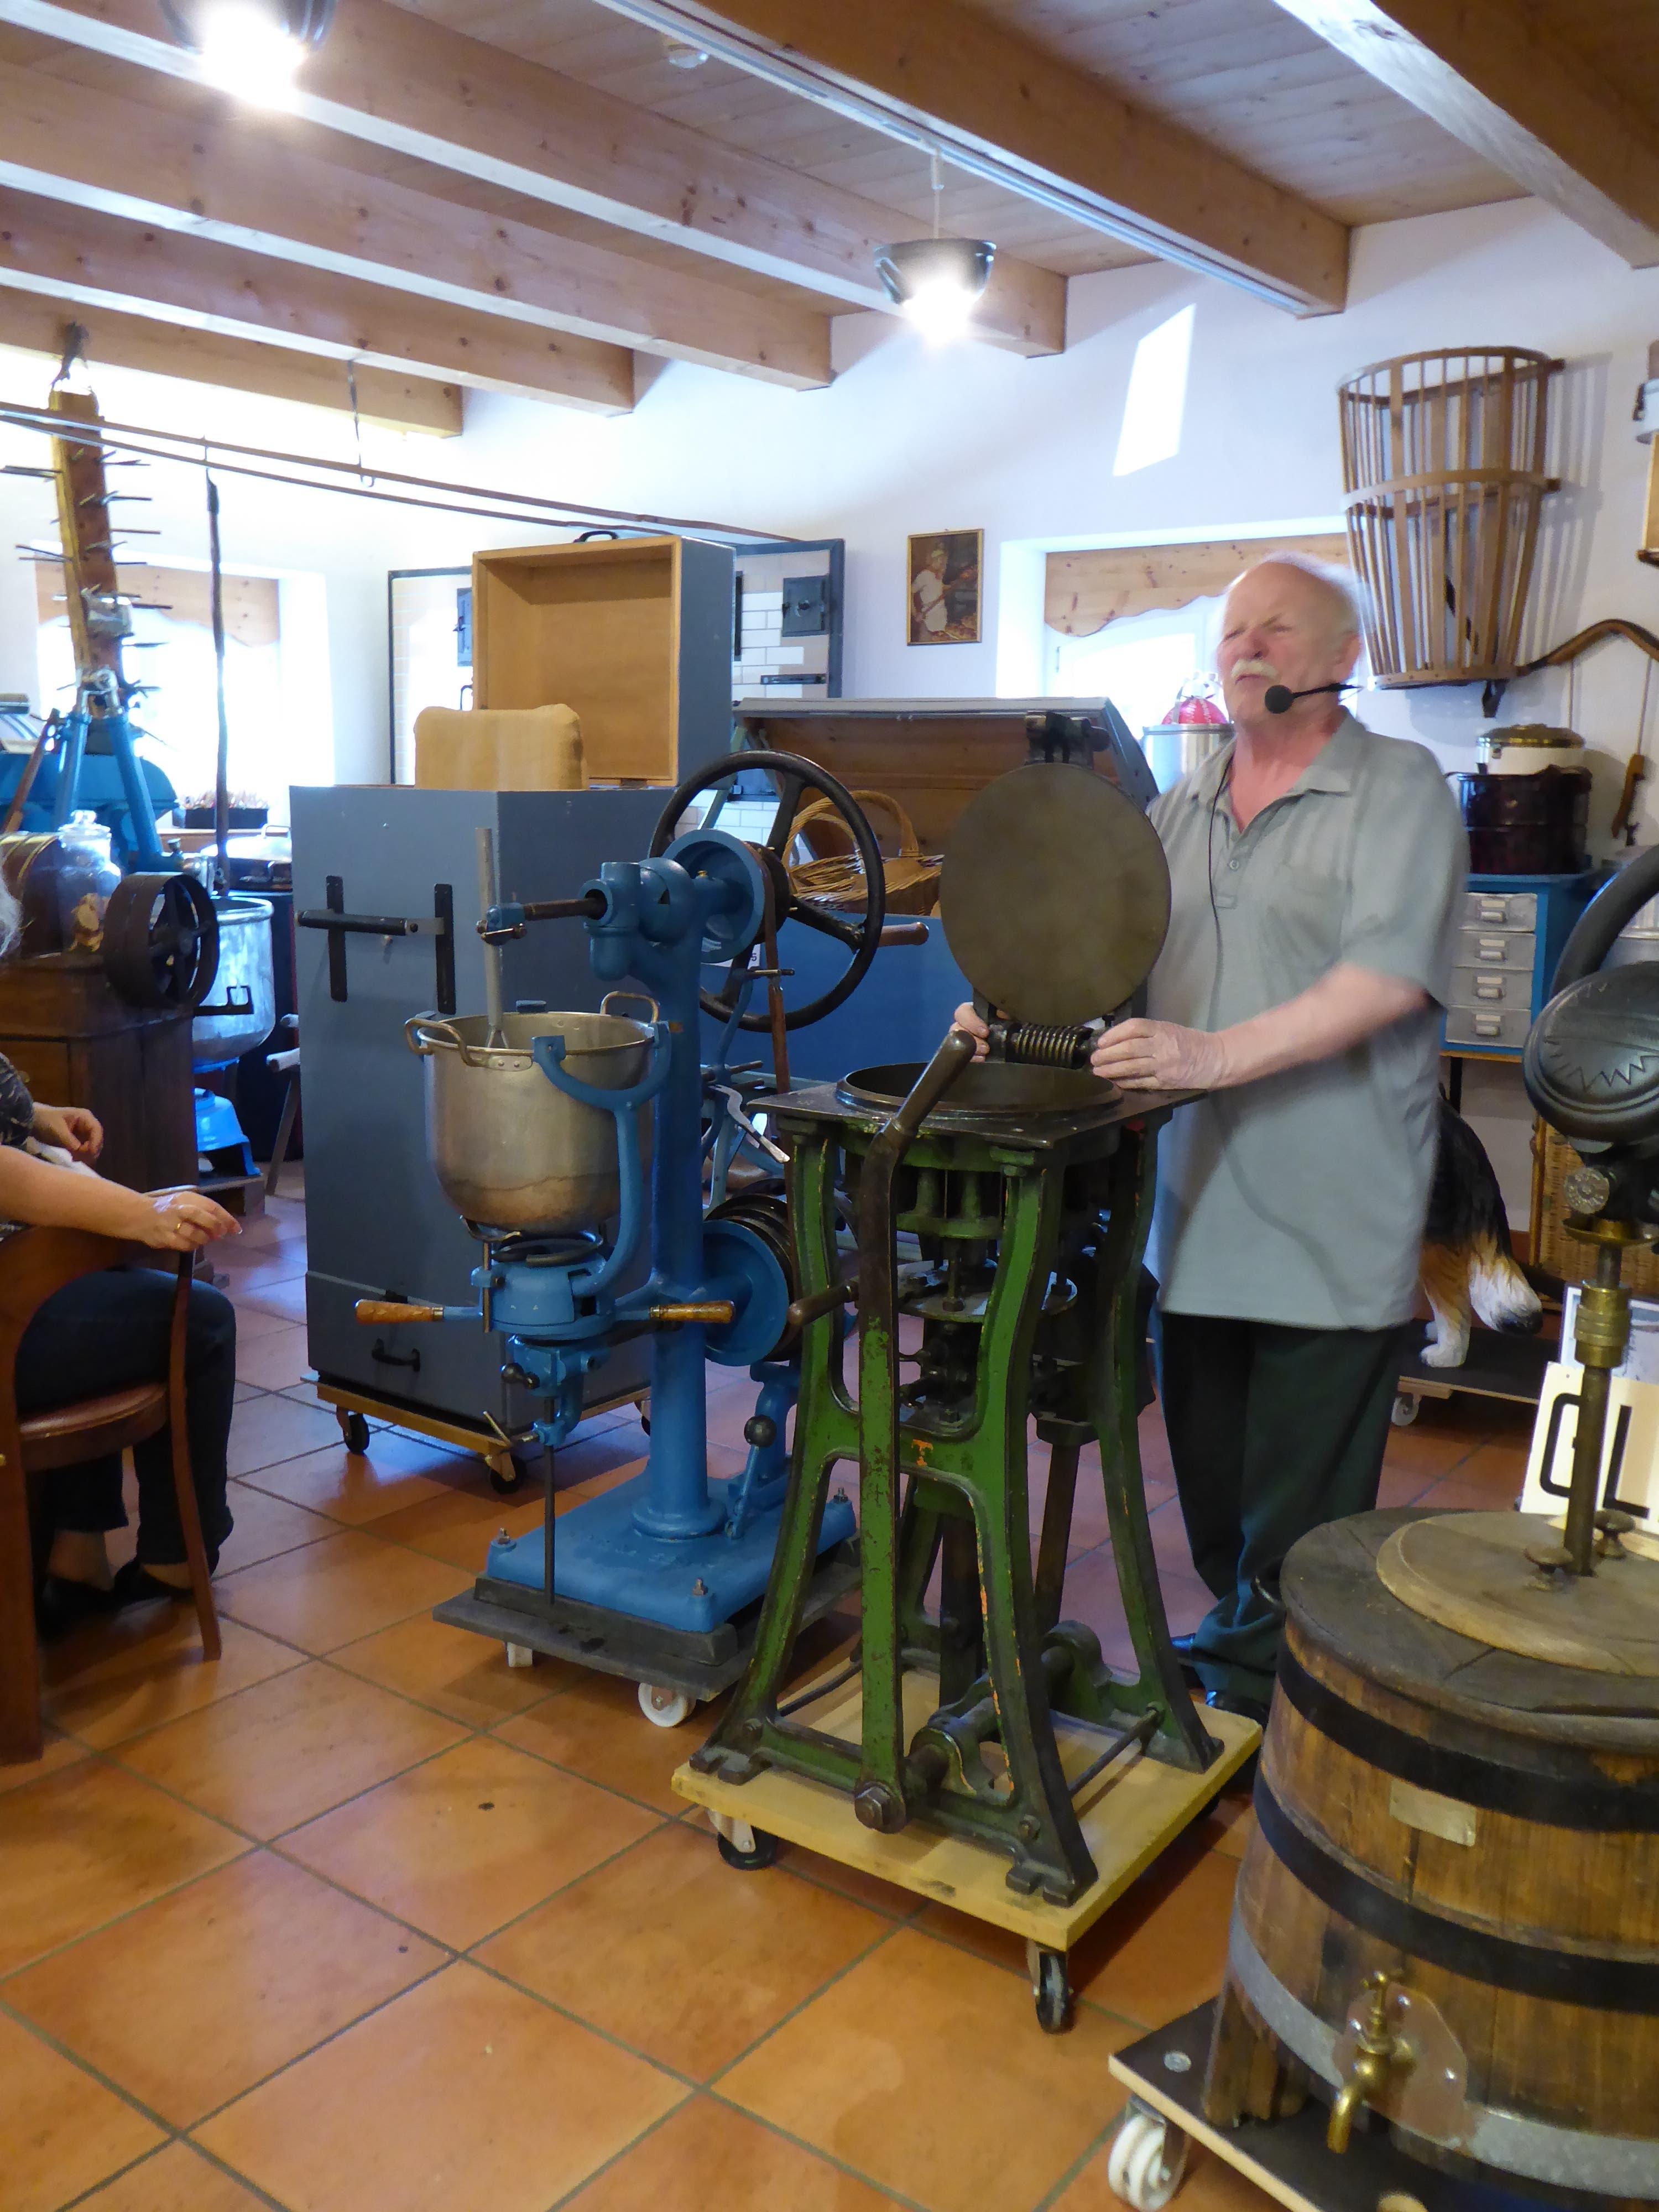 undefined Paul Wick erklärt eine der vielen alten Bäckerei-Maschinen